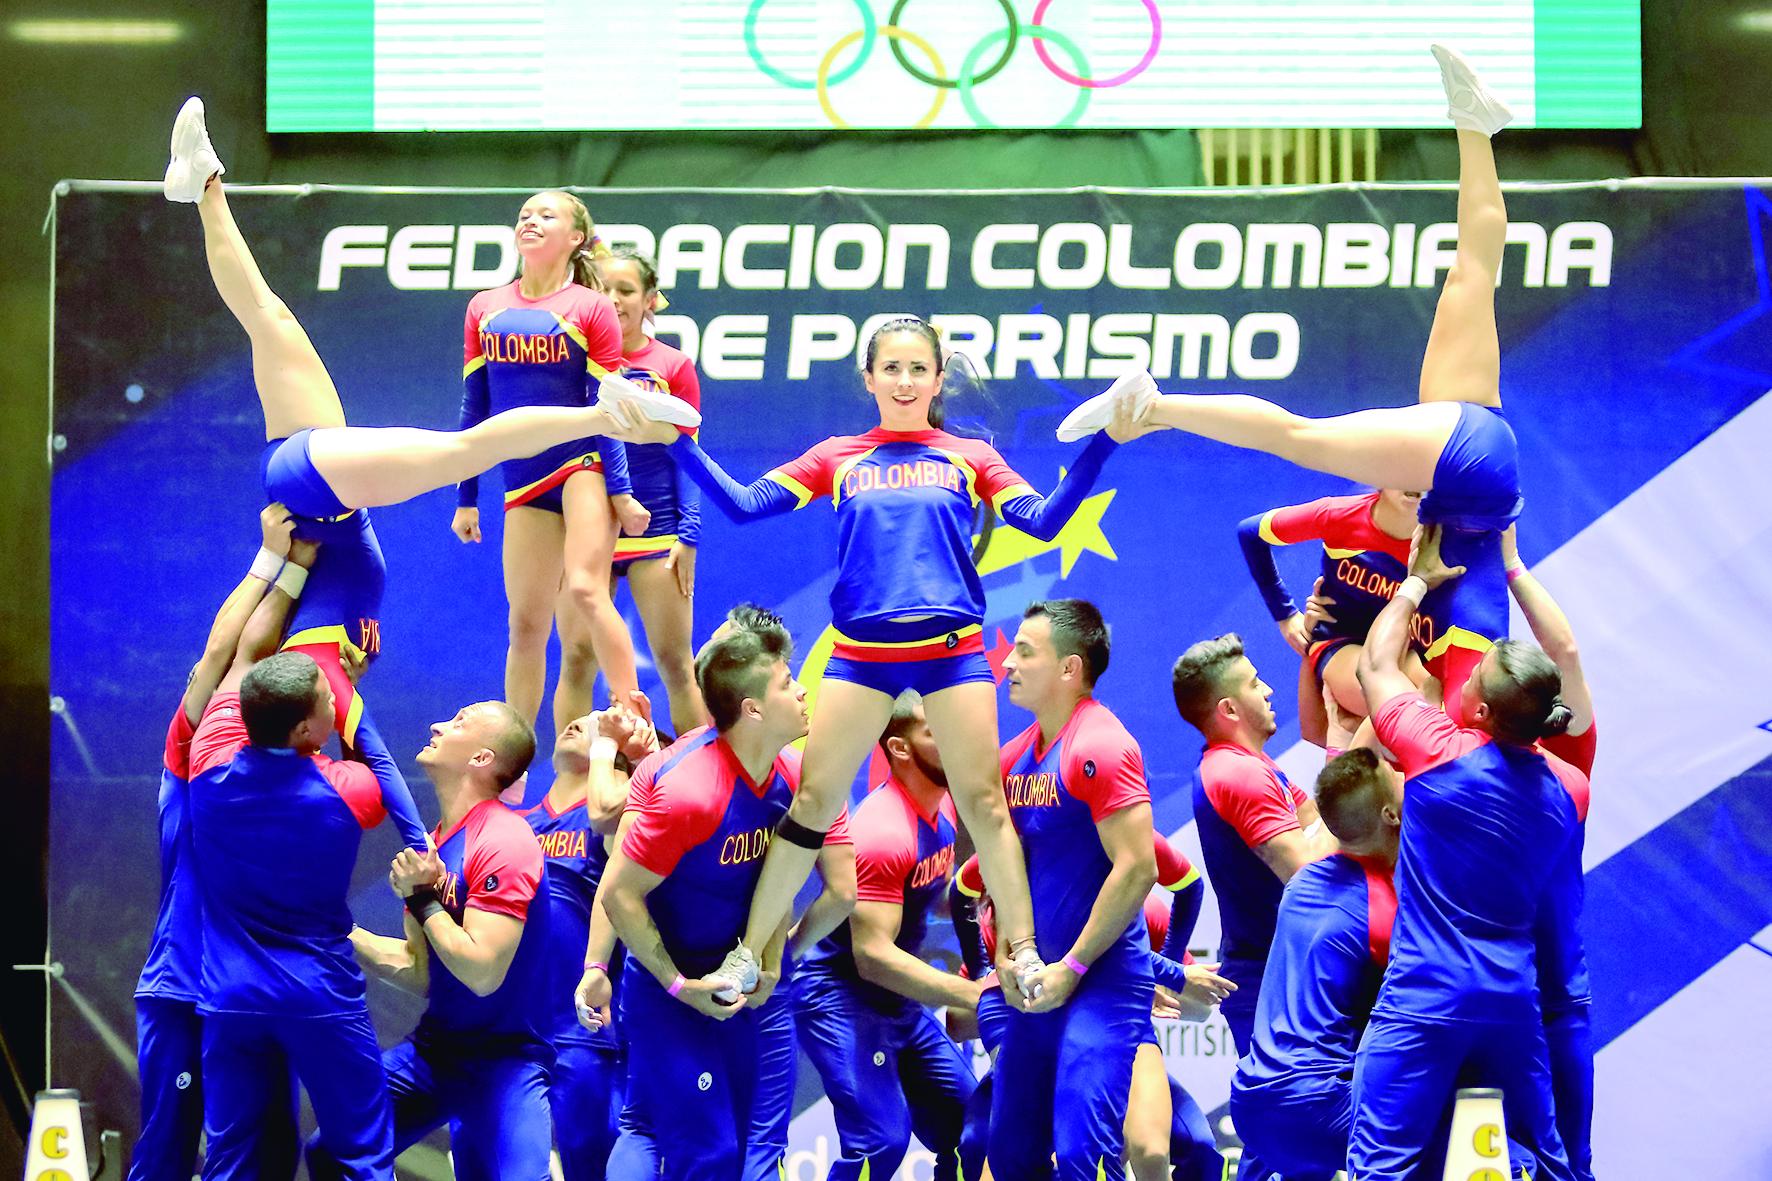 Porrismo del más alto nivel en Bucaramanga  | Local | Deportes | EL FRENTE